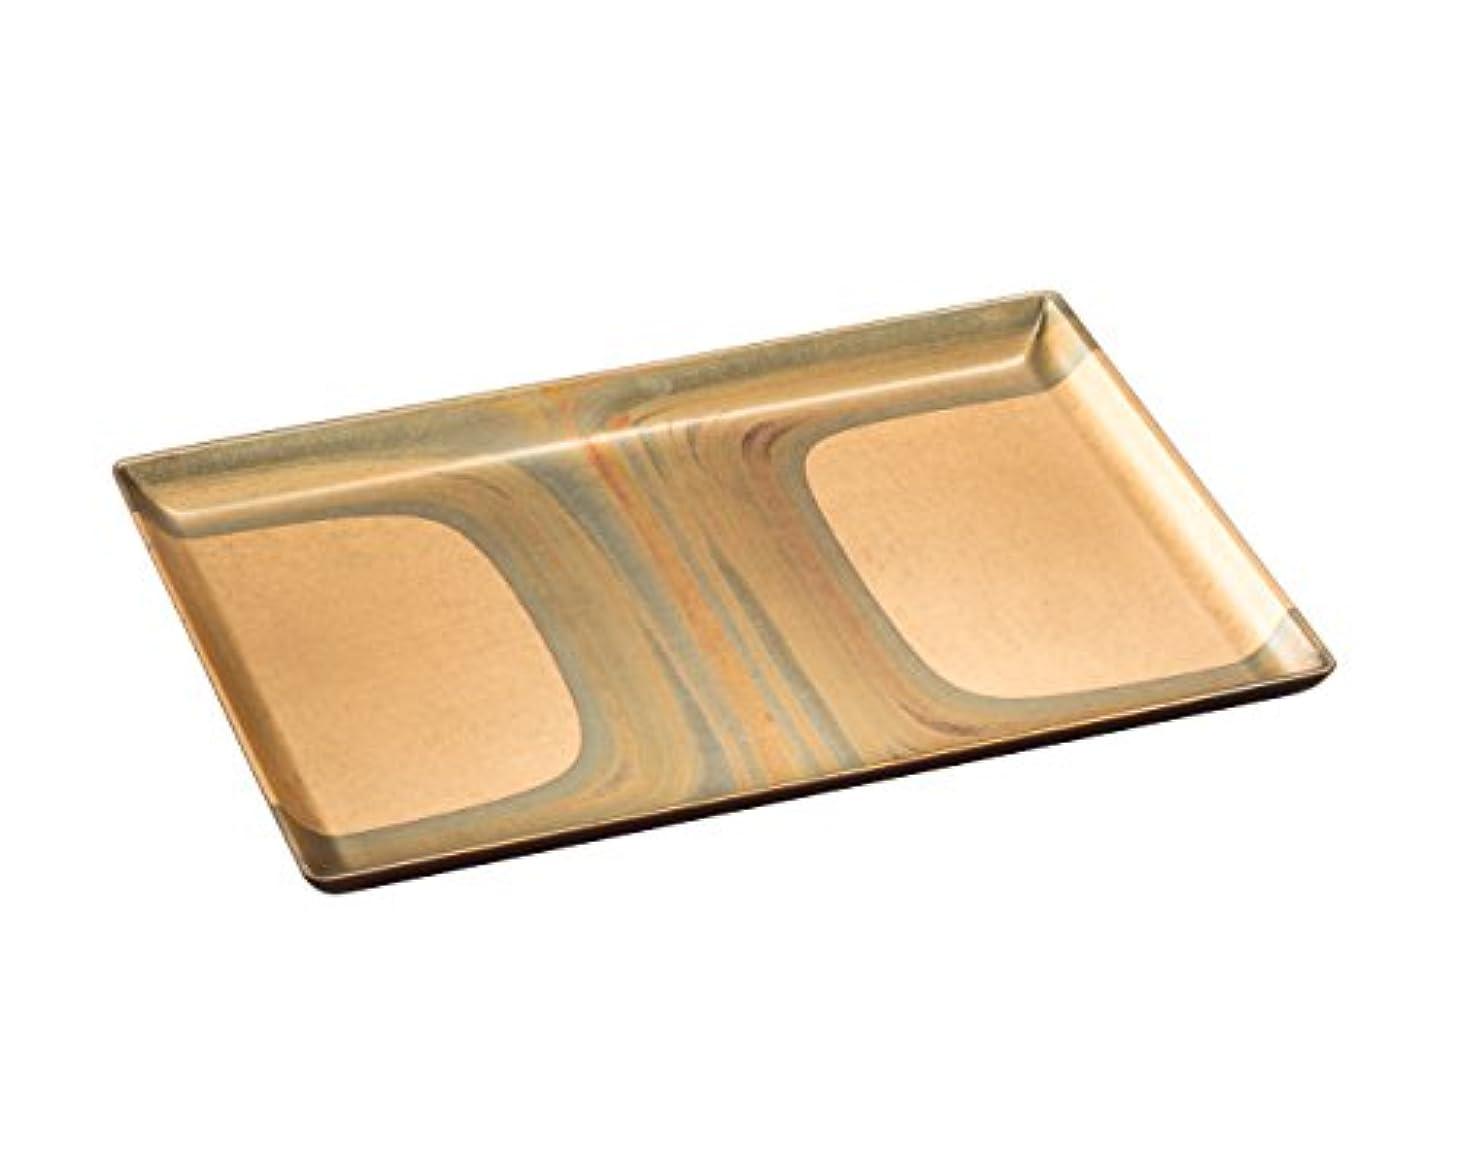 グッゲンハイム美術館挨拶する留め金箔一 盆 ゴールド 195×135×15mm 古代箔 お好み盆 A131-02002